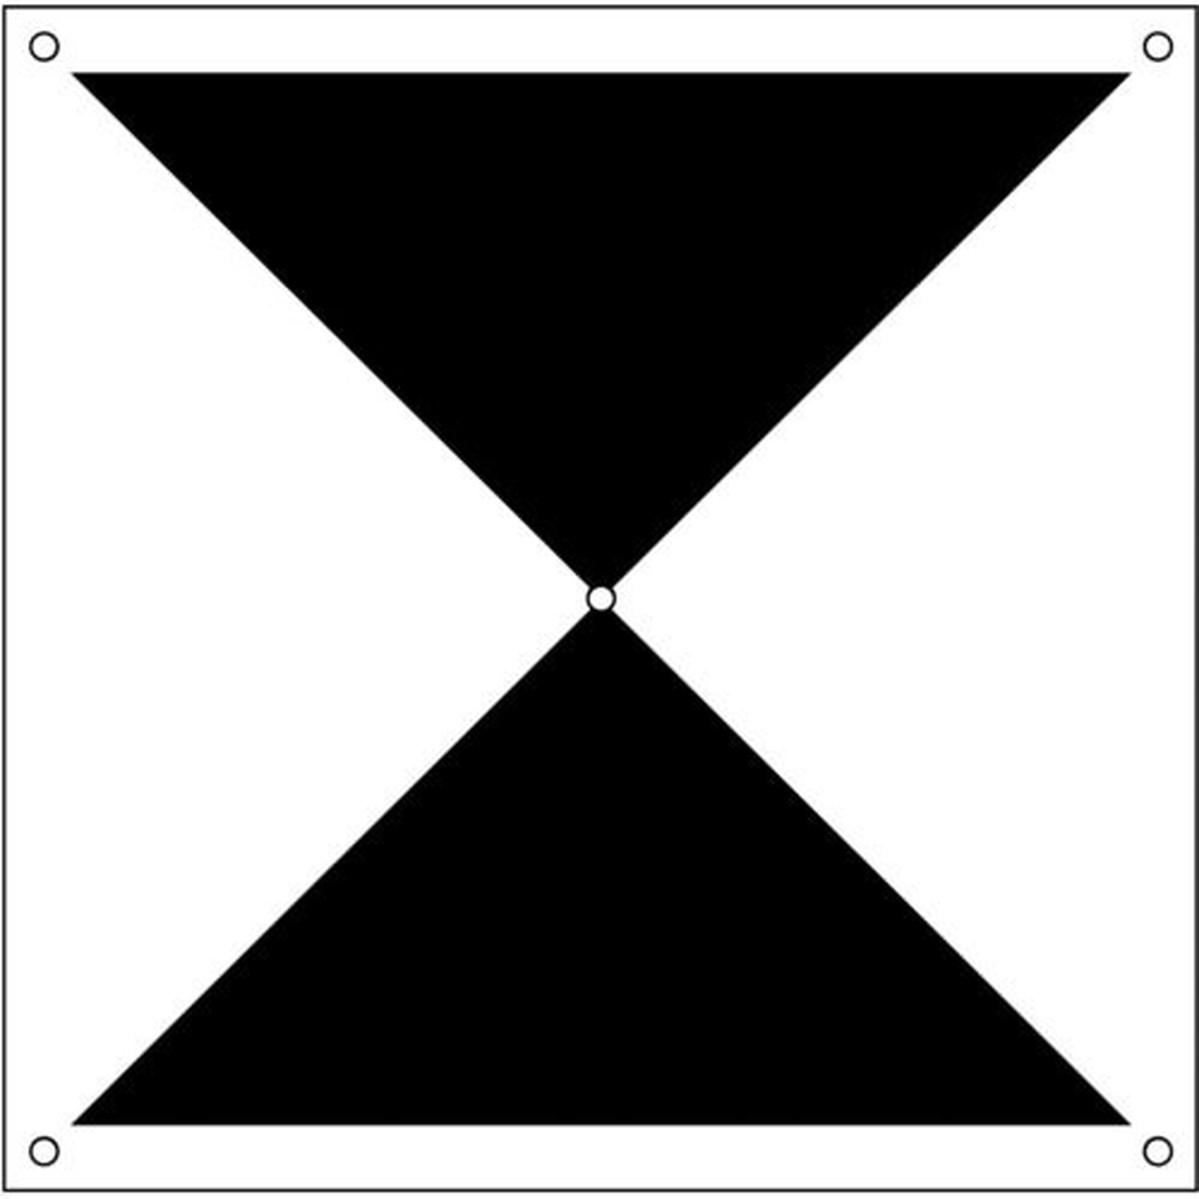 あす楽対応 DIY用品 グリーンクロス ドローン用対空標識X型 1枚 激安通販 開店記念セール 6300001176